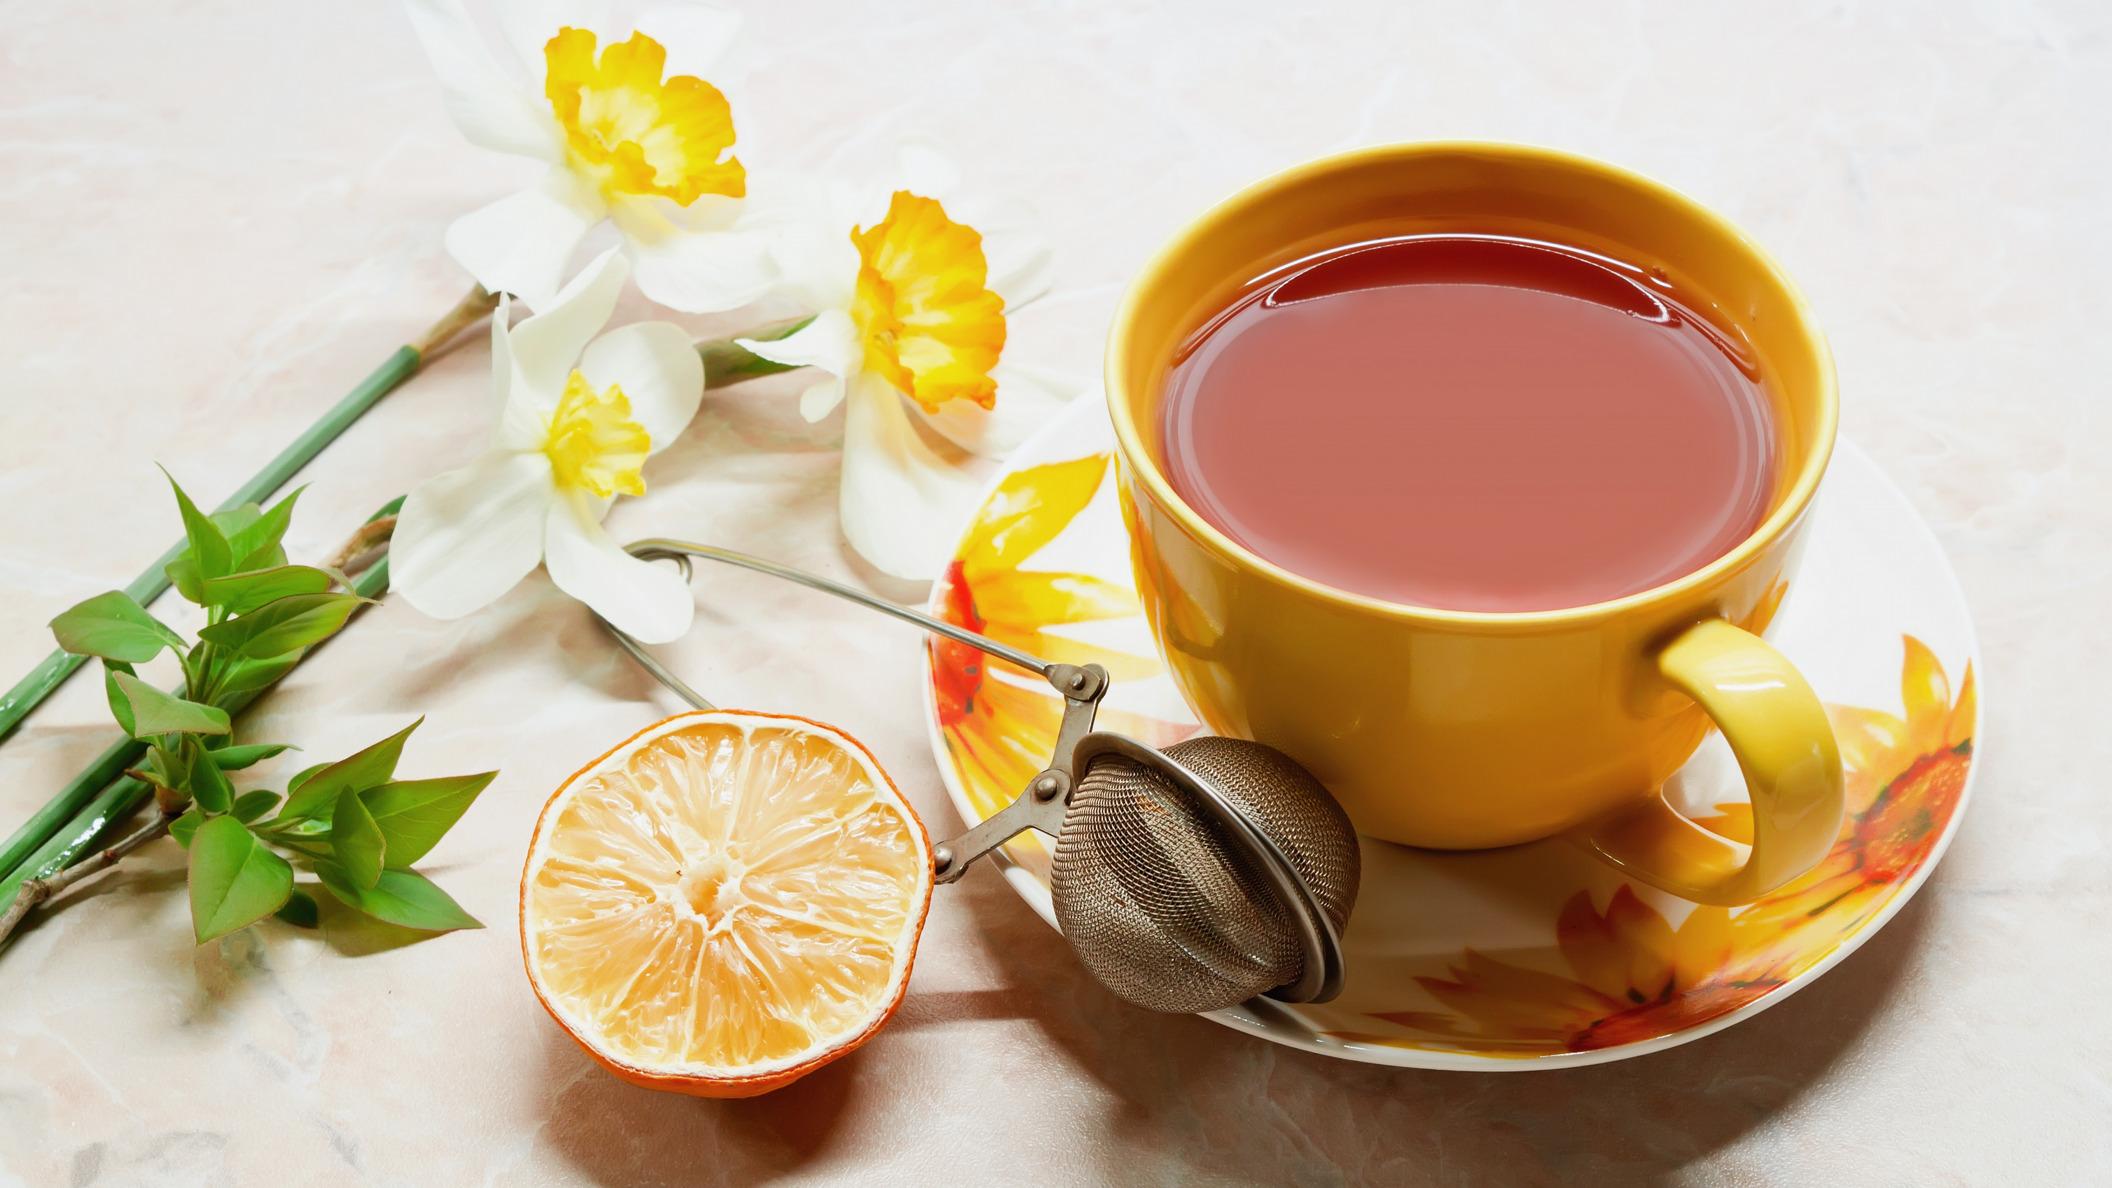 пирожные лимоны чай  № 3678331 бесплатно